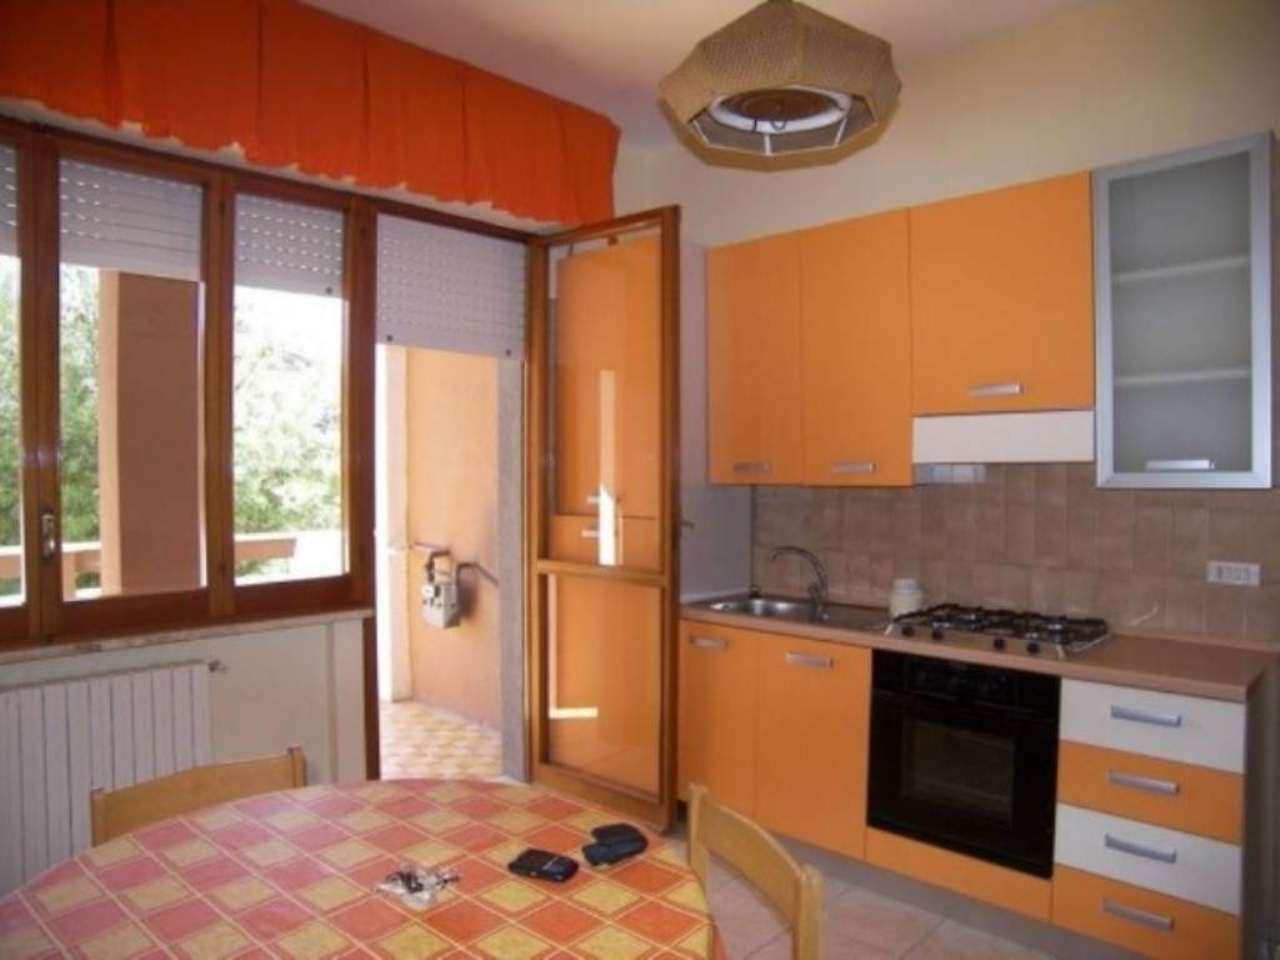 Appartamento in vendita a Francavilla al Mare, 3 locali, prezzo € 110.000 | Cambio Casa.it